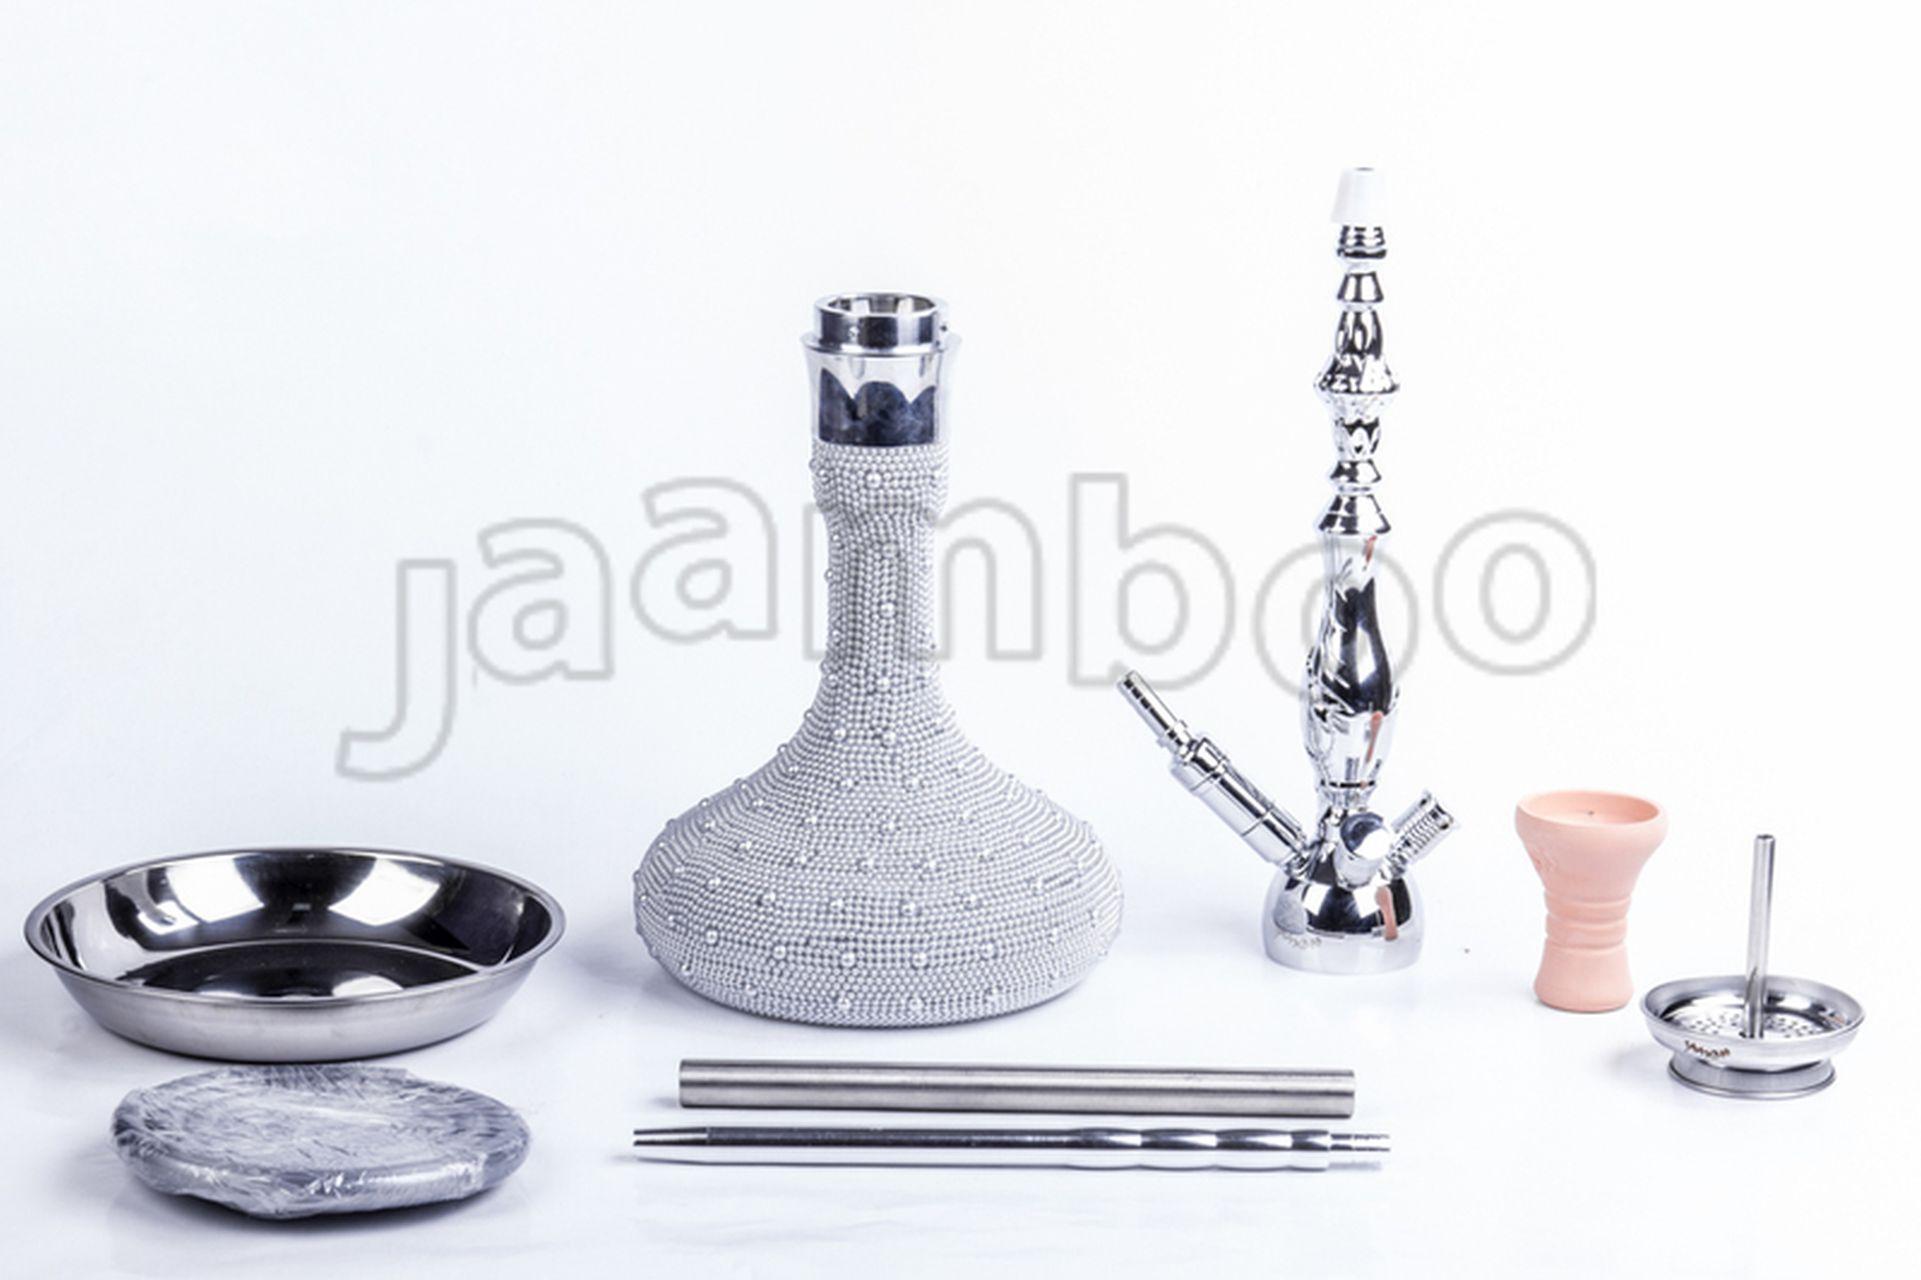 SHISHA JAAMBOO NL005 2